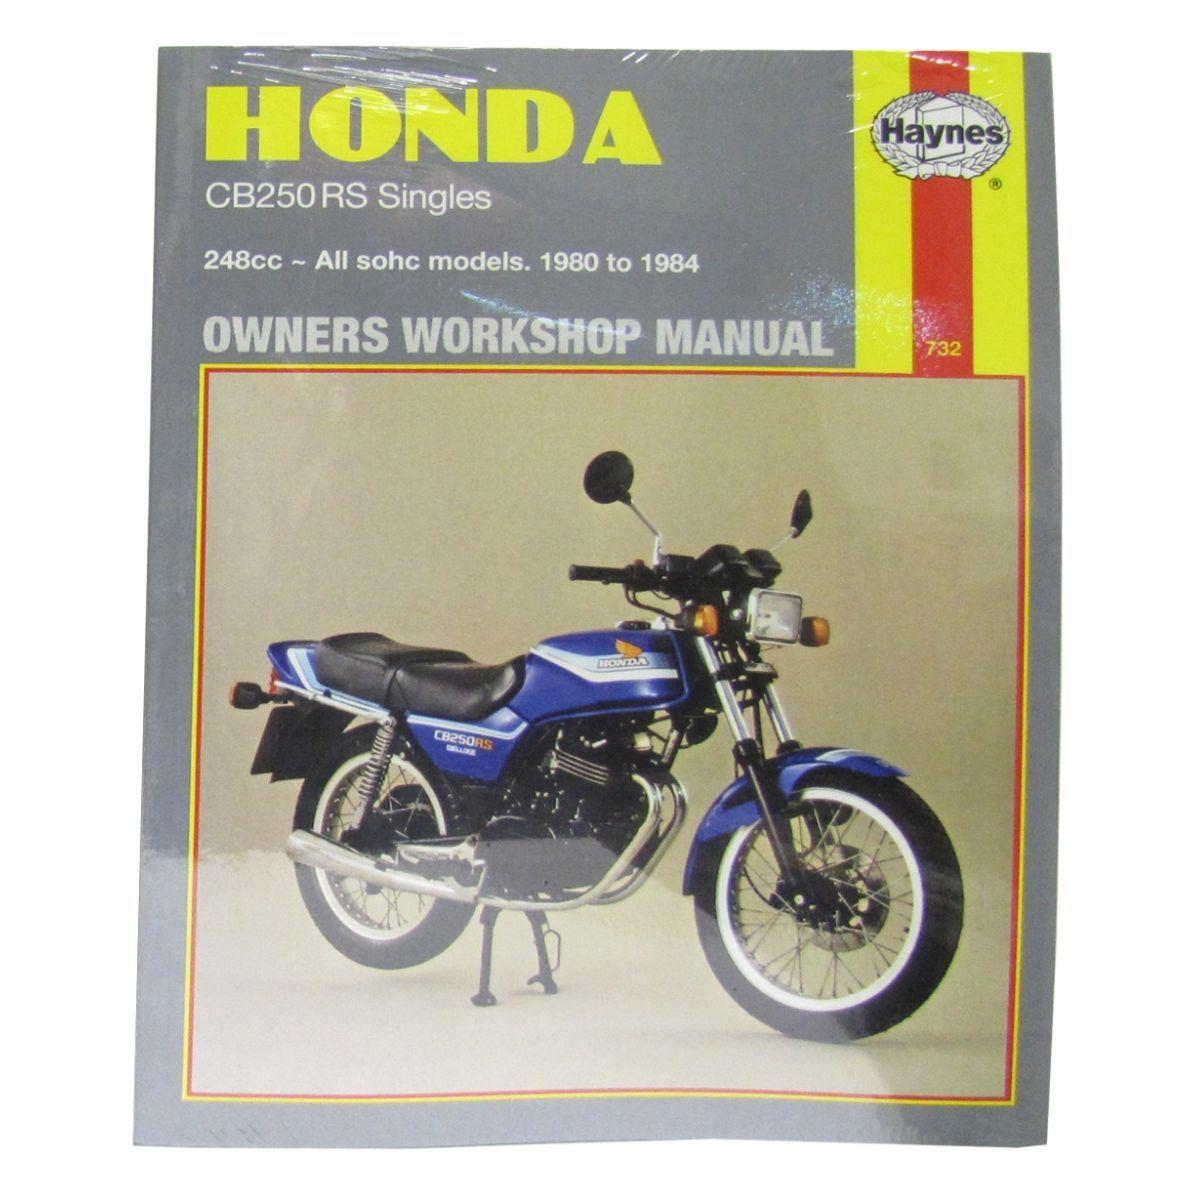 2016 kawasaki 900 sts manual